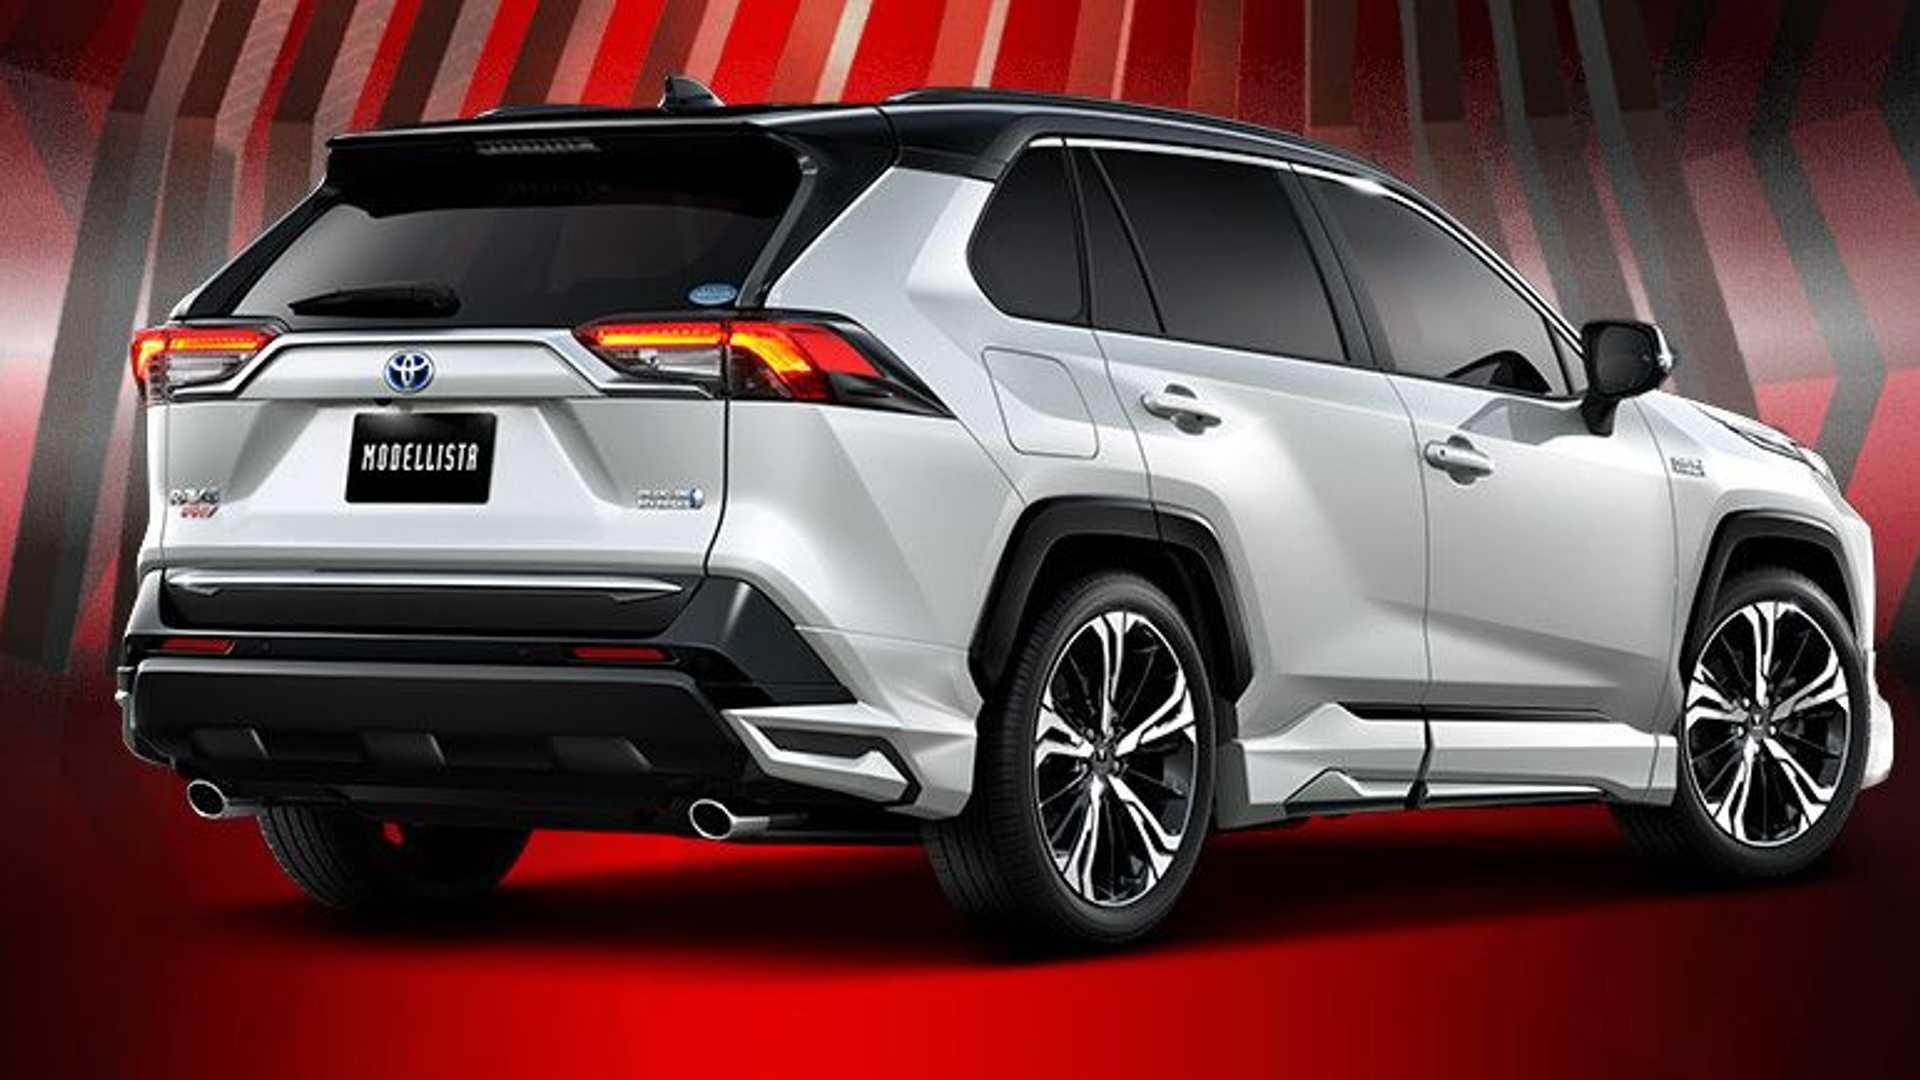 2019 - [Toyota] RAV 4 V - Page 4 Toyota-rav4-prime-by-modellista